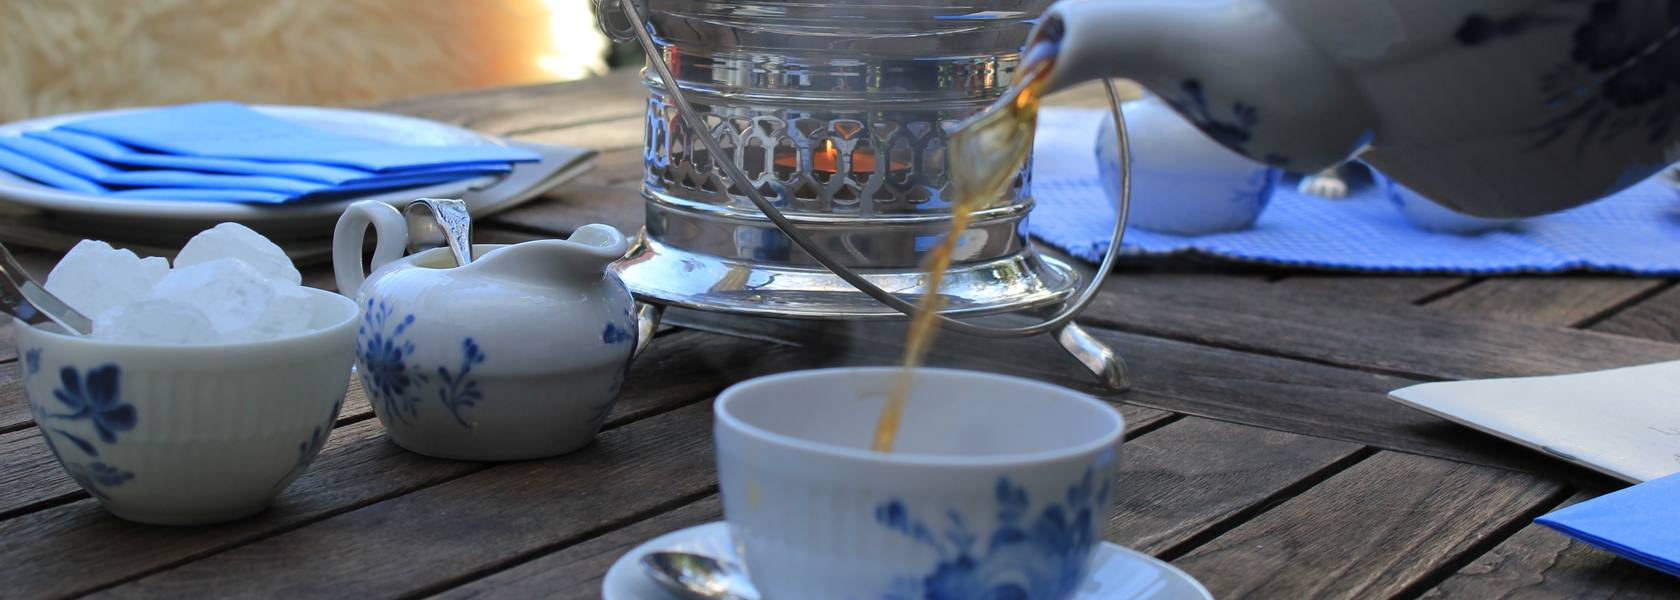 Teetied, © Die Nordsee GmbH, Katja Benke